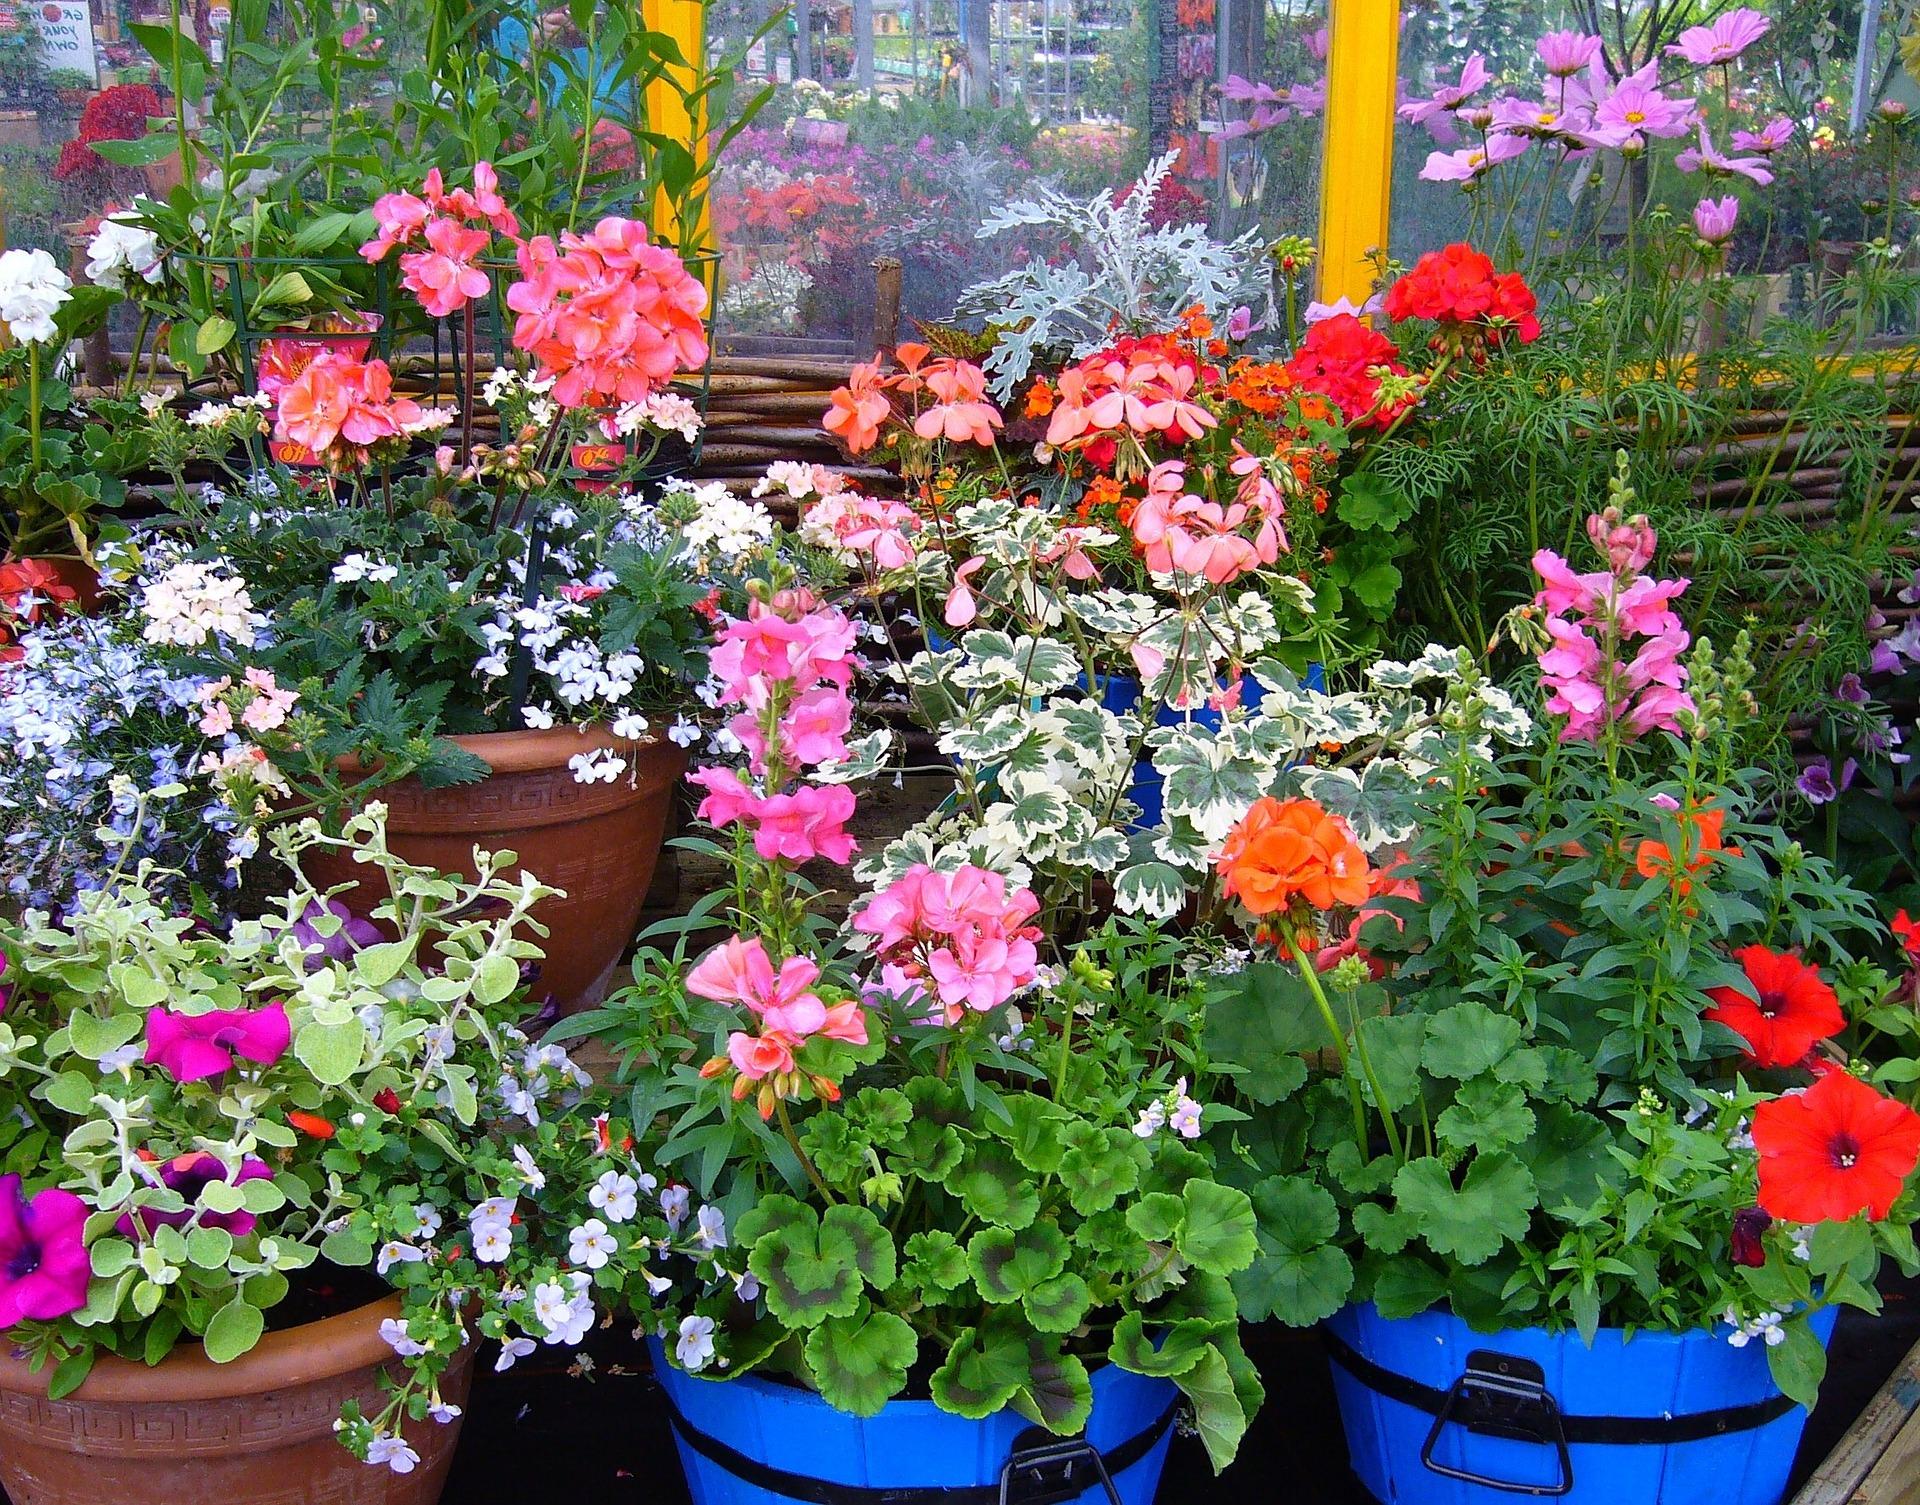 Flowering plants in pots